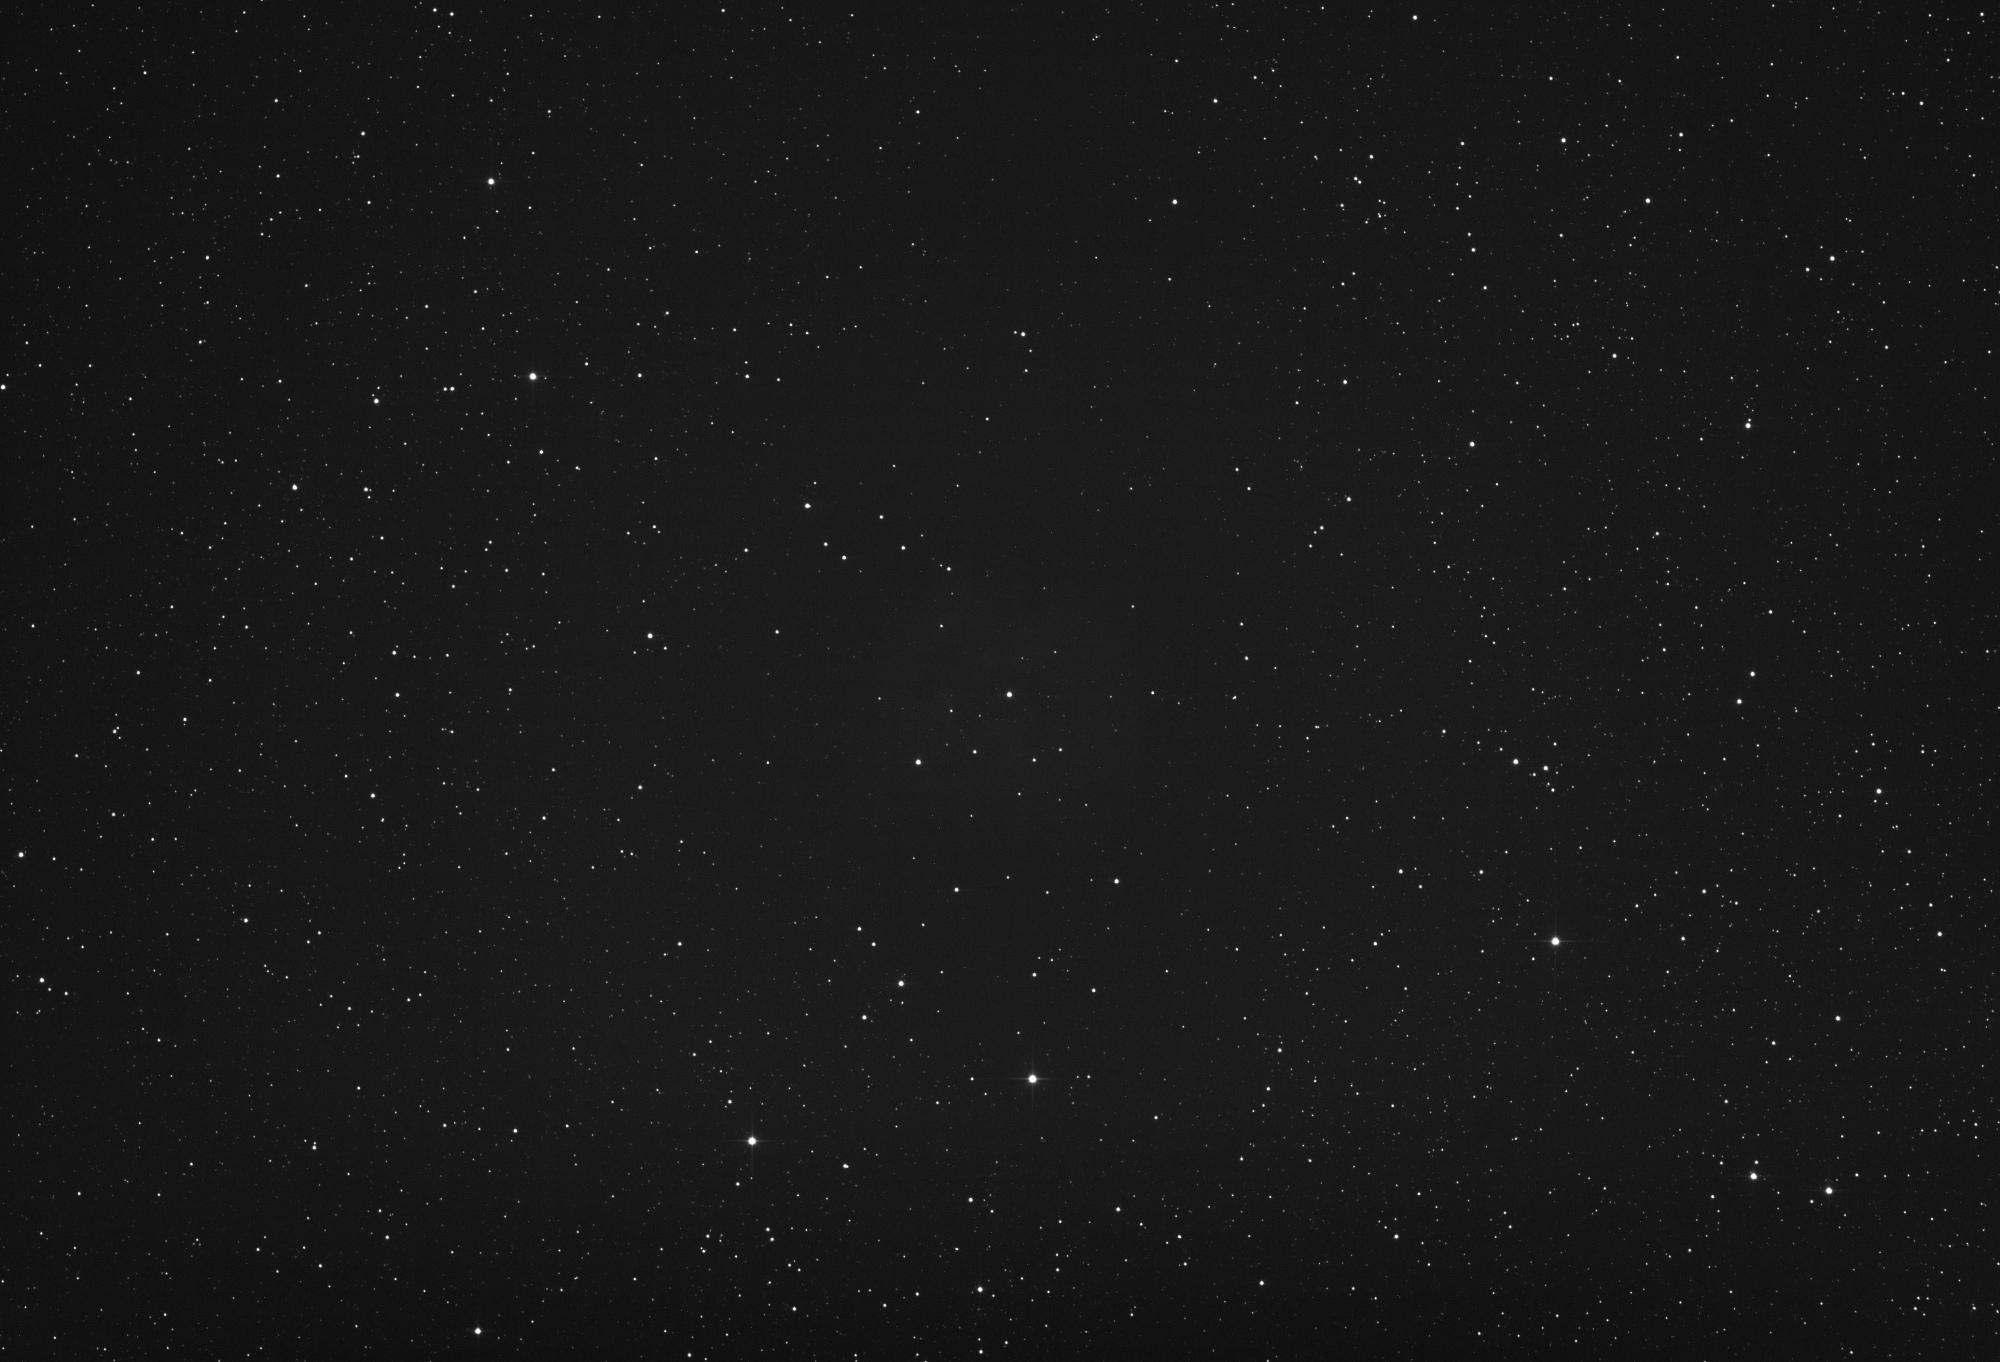 Light_IC5146_120s_1x1_gain117_-0.3C_0010.thumb.jpg.08c669d9ec58b31478ce956200baa5b8.jpg